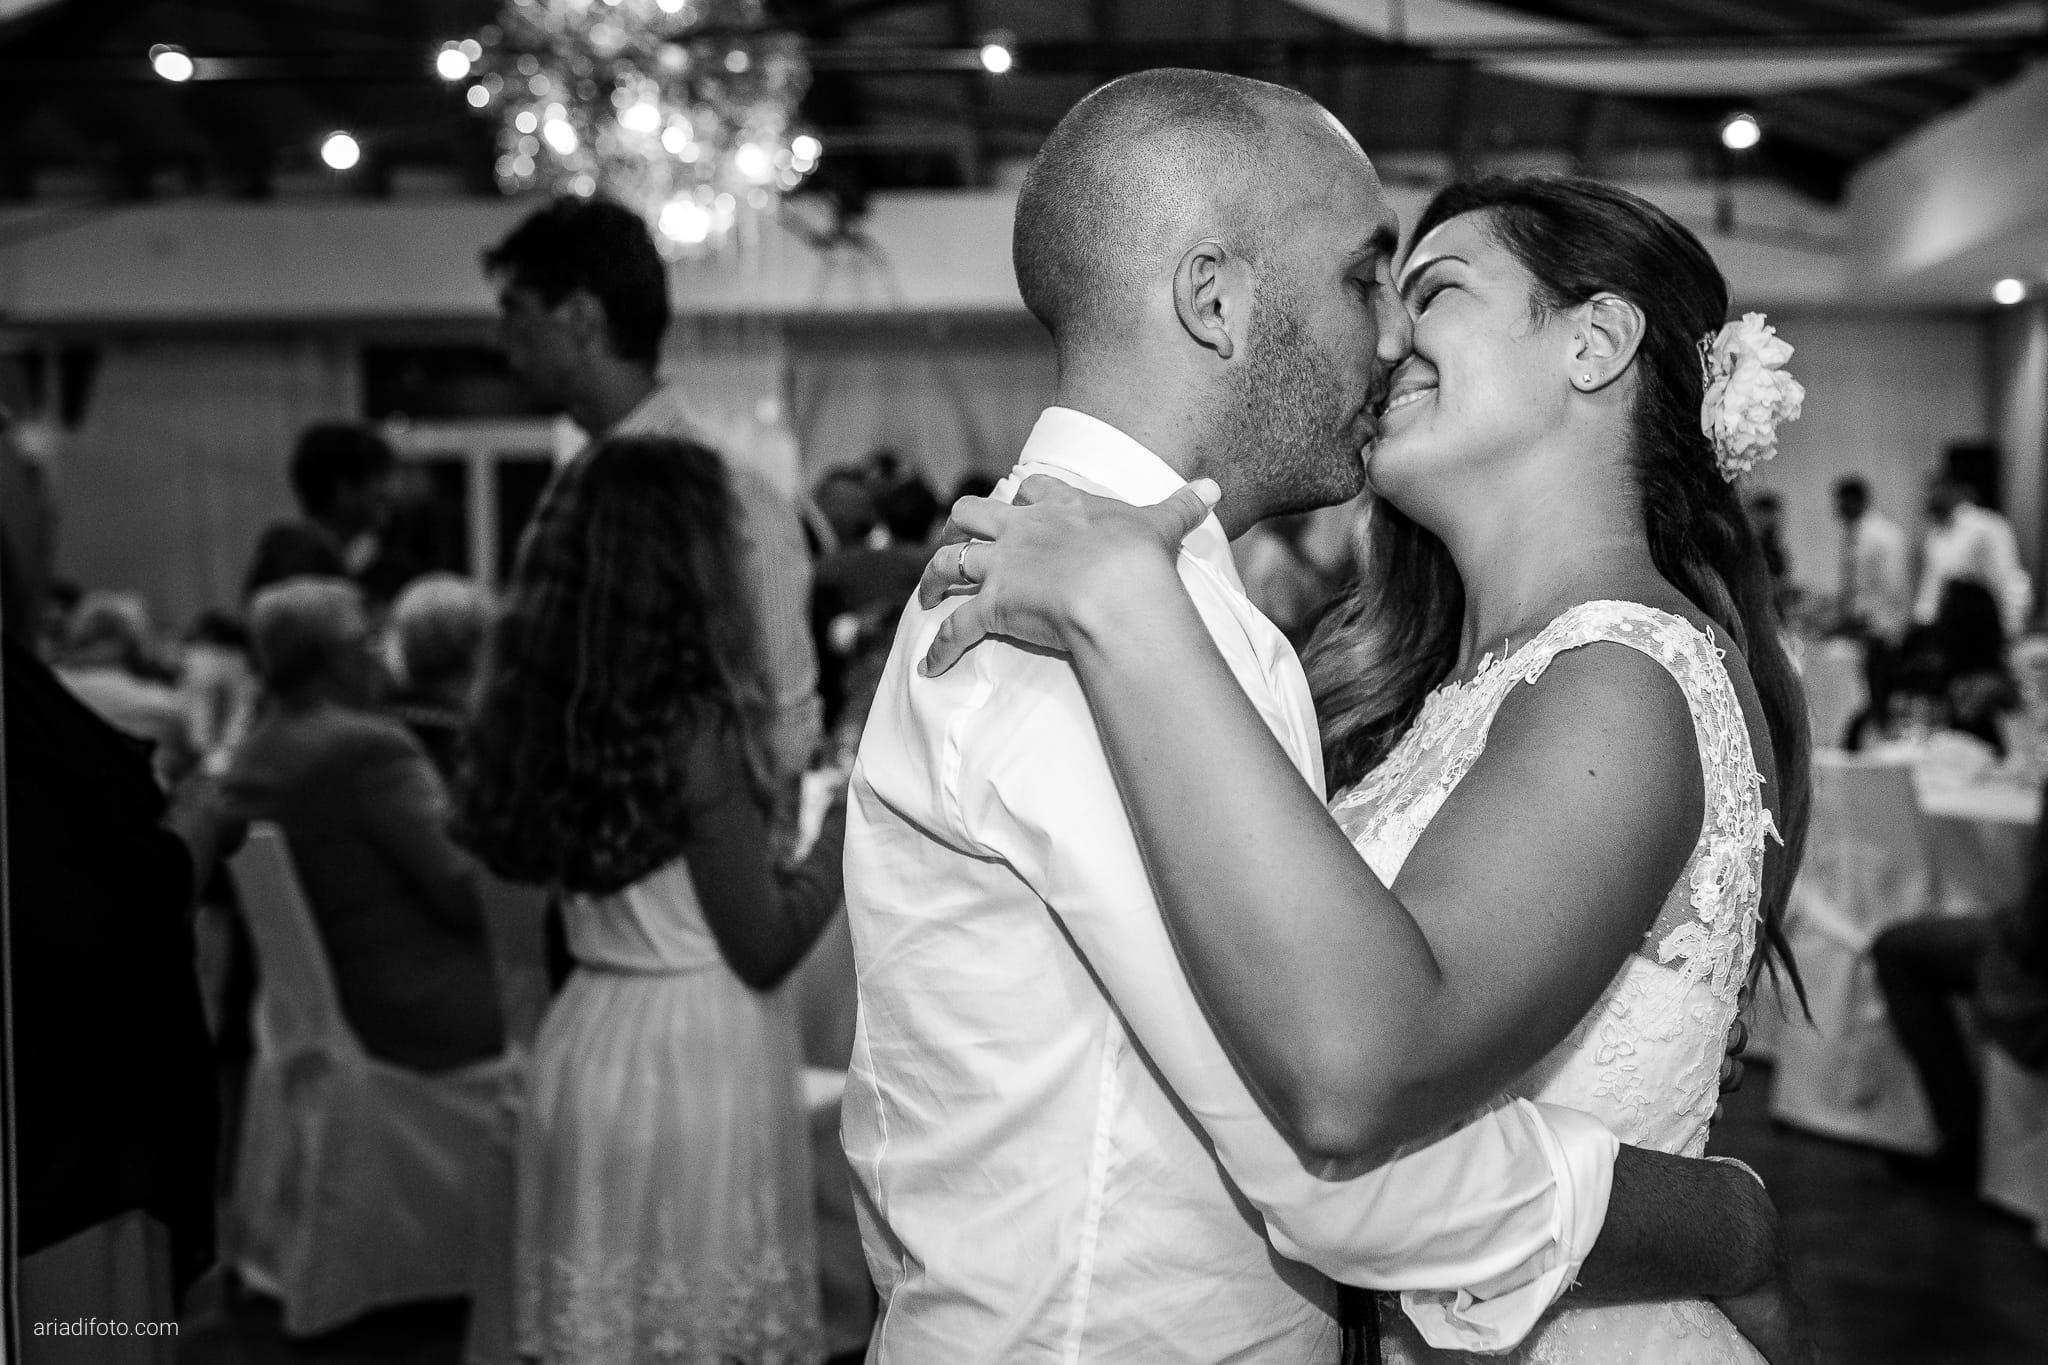 Giorgia Davide Matrimonio Villa Revoltella Salvia Rosmarino Trieste ricevimento festa balli